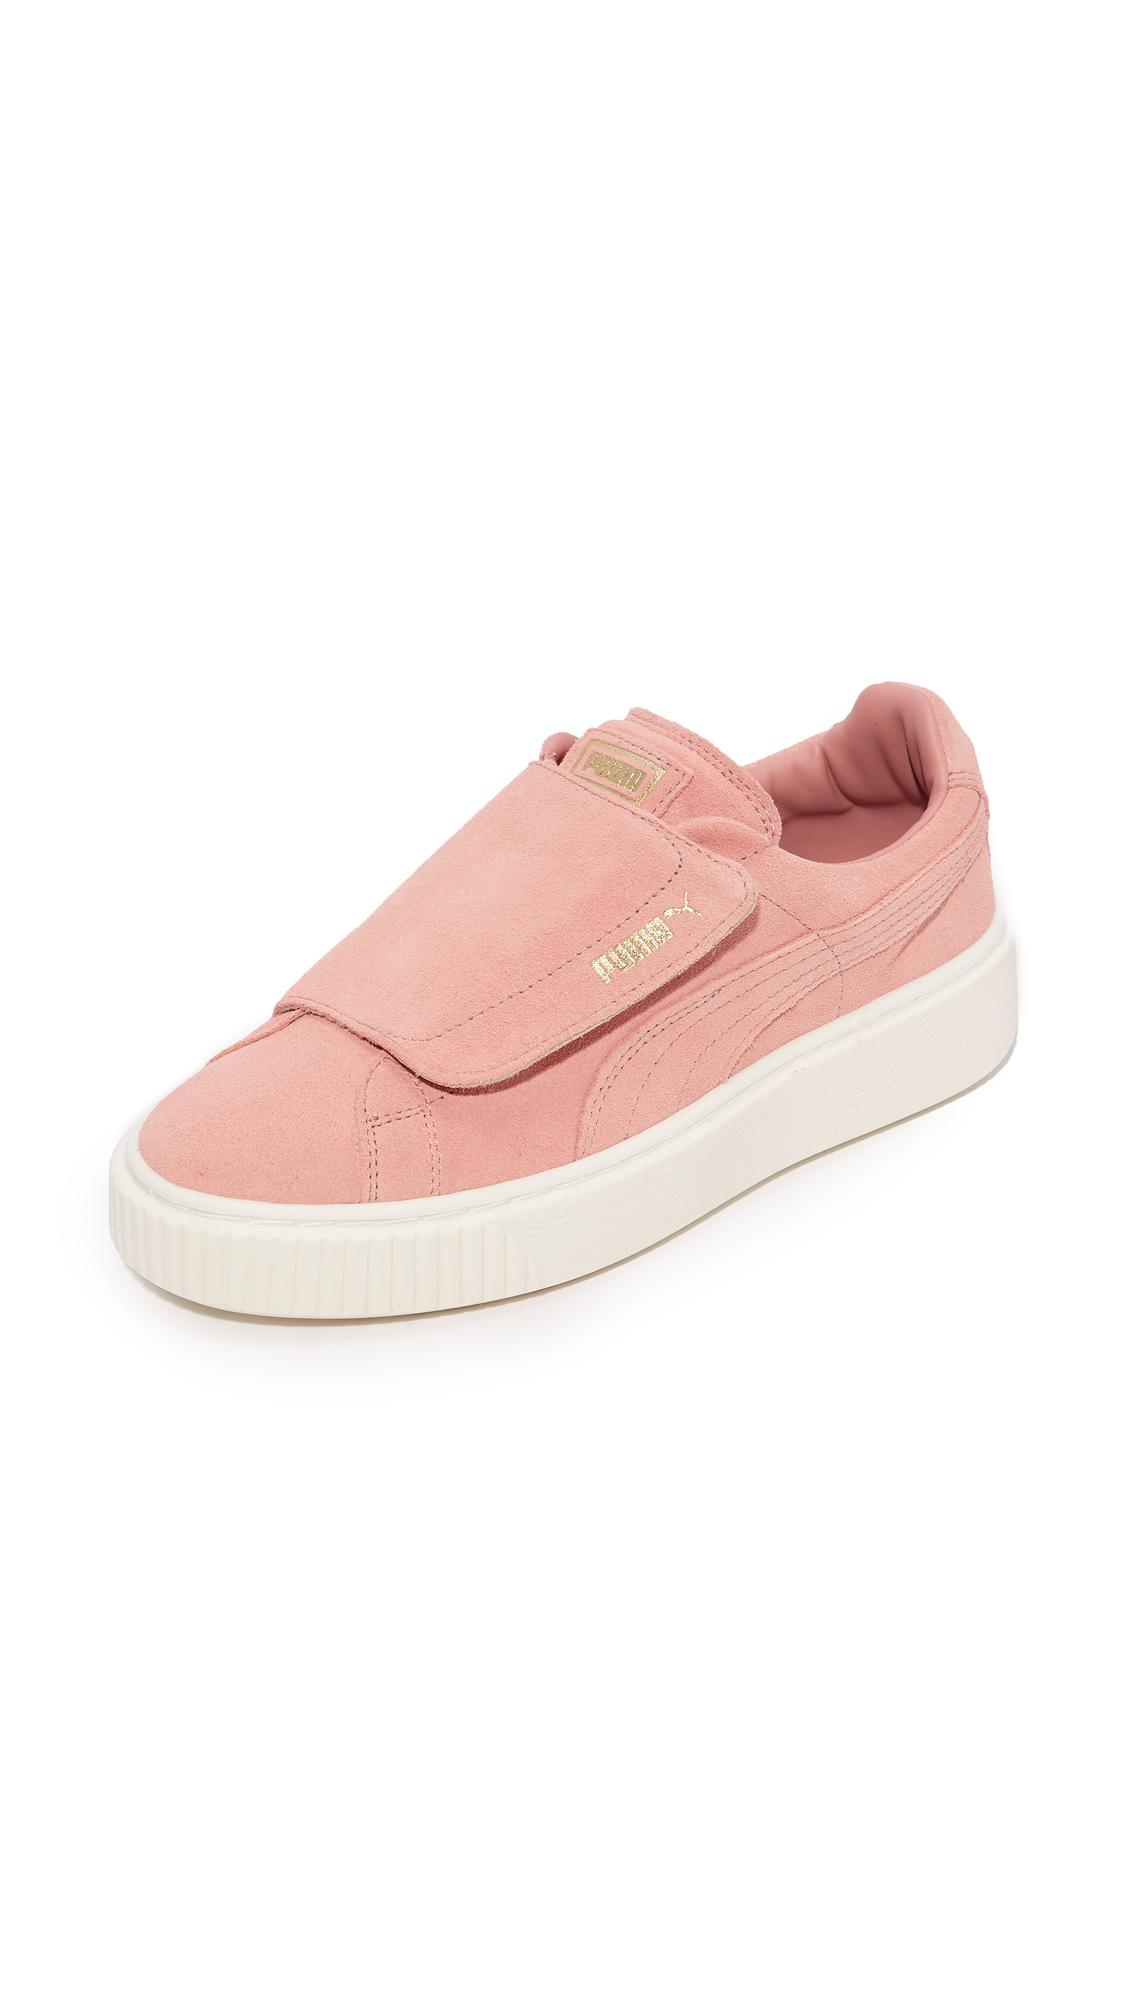 PUMA Basket Platform Bigvelc Sneakers - Pink